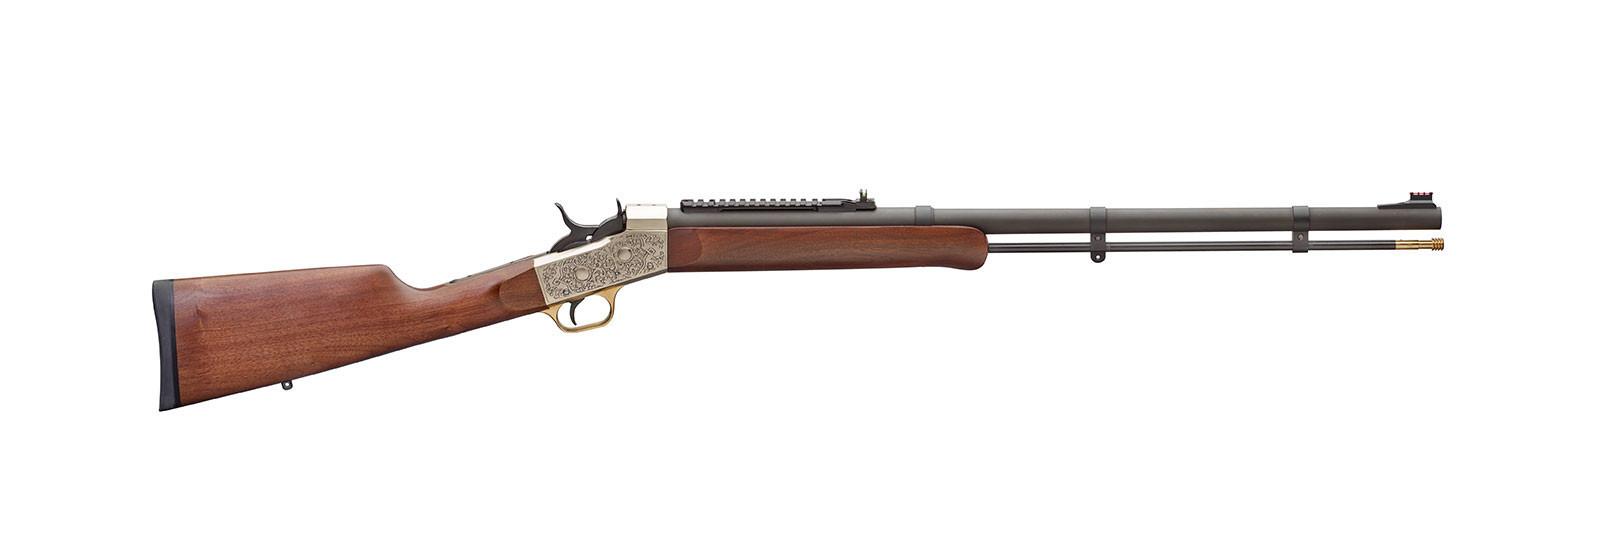 Rolling Block musket primer hardwood Rifle